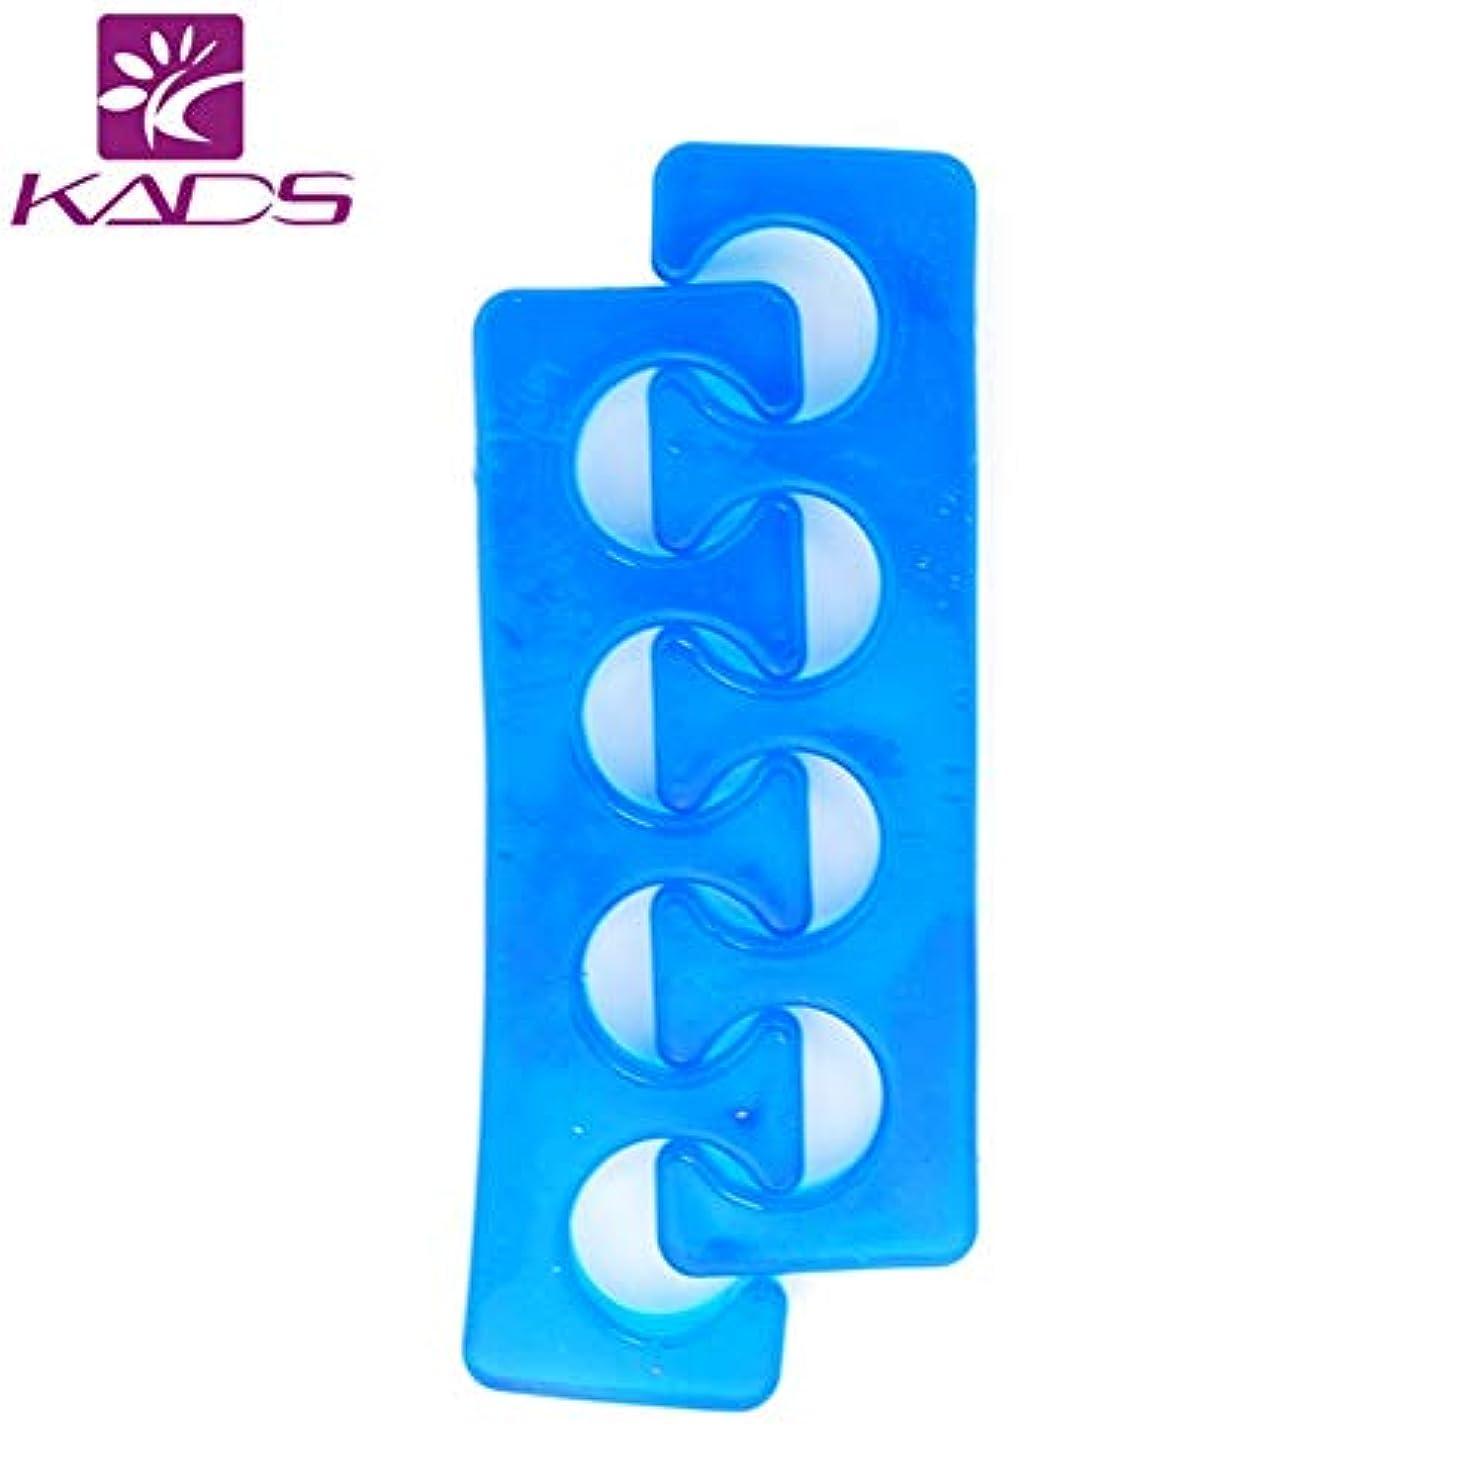 衣装落ち着いて割り当てるKADS 足指セパレーター 柔らかいシリコン製 2個入り ネイルセパレーター トウセパレーター ネイルアート用 (ブルー)